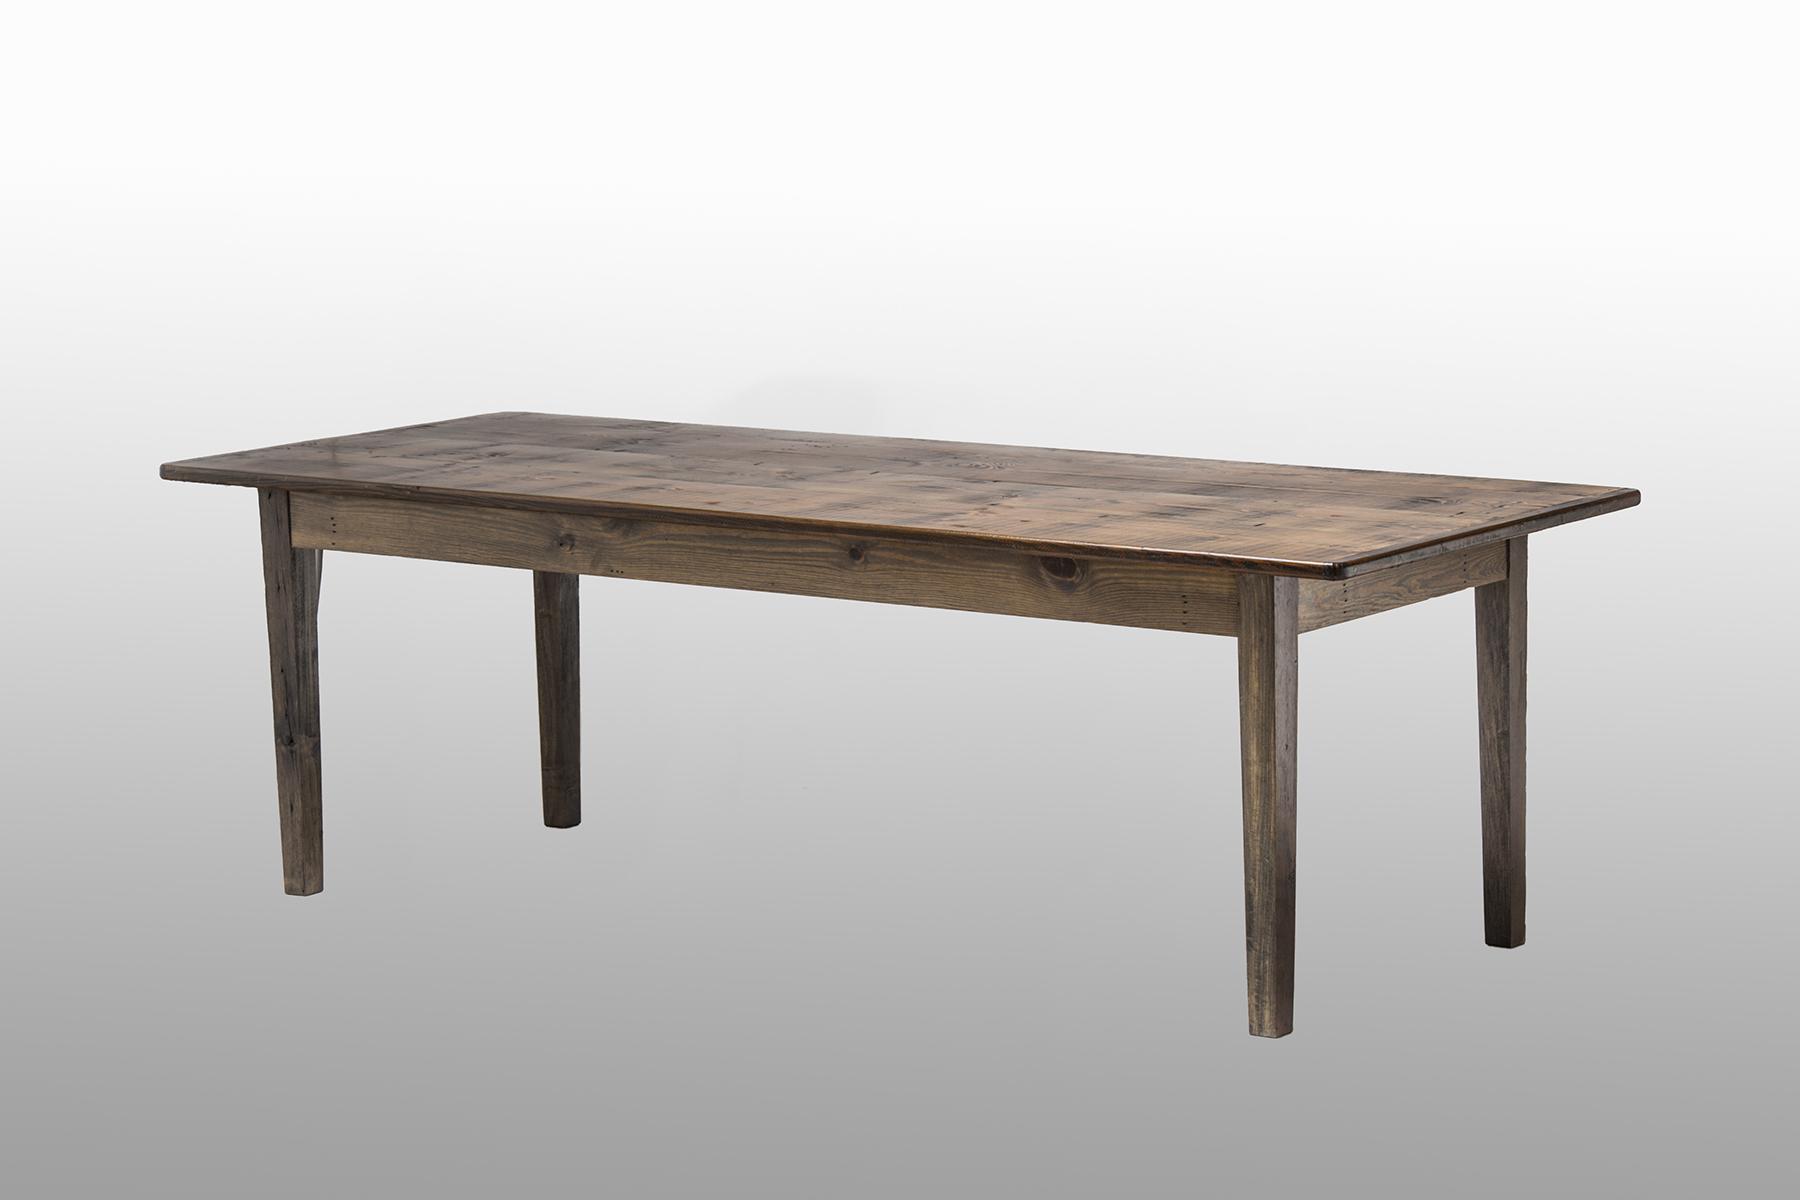 Barnboard Farm Table